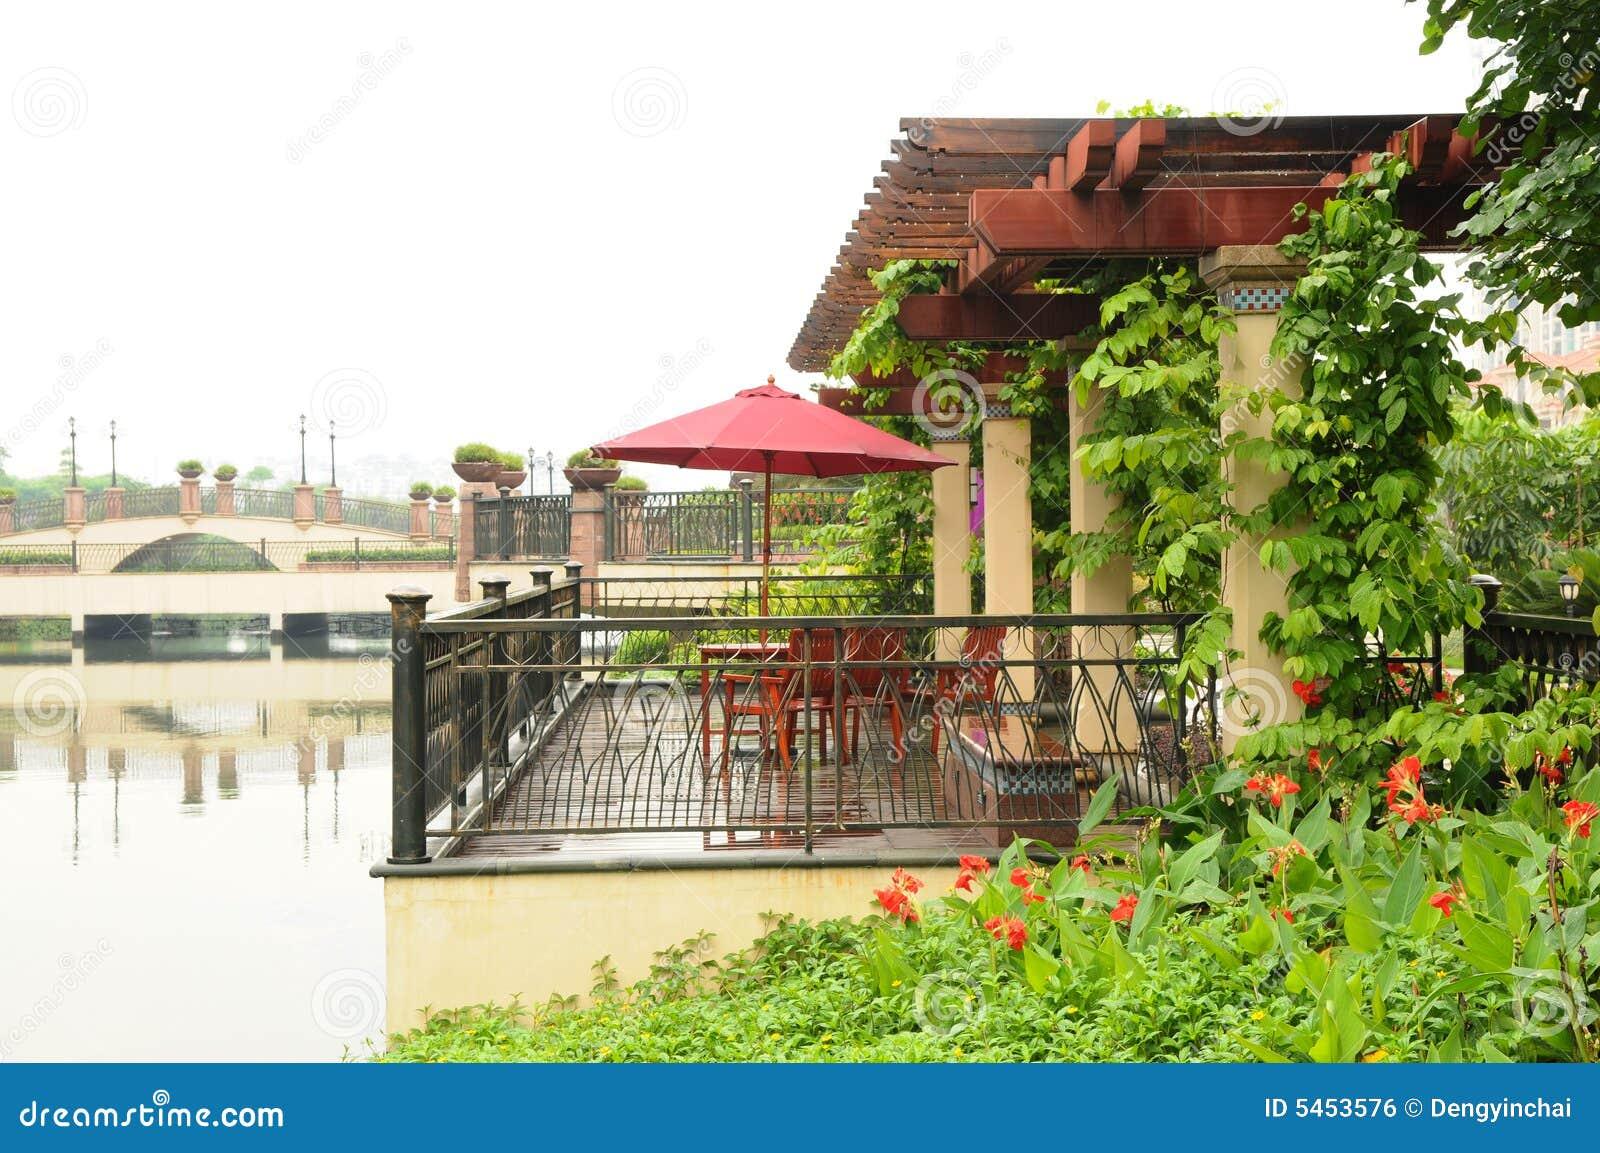 De houten pergola door rivieroever royalty vrije stock afbeelding afbeelding 5453576 - Pergola klimplant ...